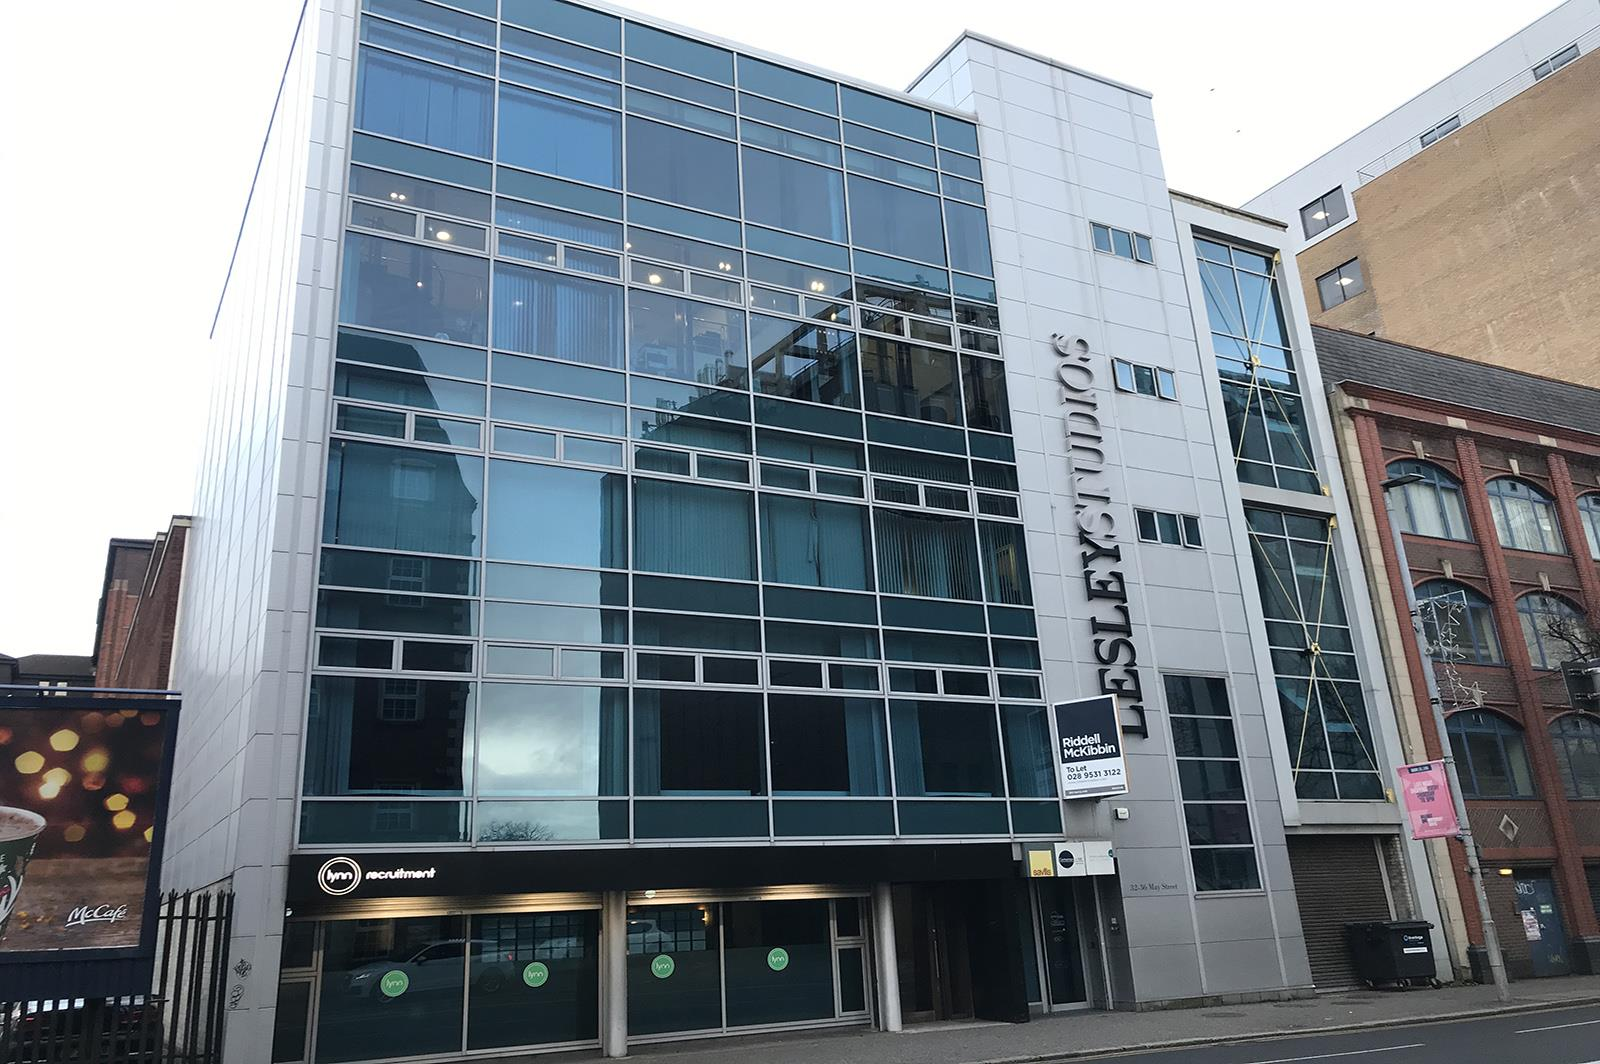 Ground Floor, Lesley Studios, 32-36 May Street, Belfast , County Antrim, BT1